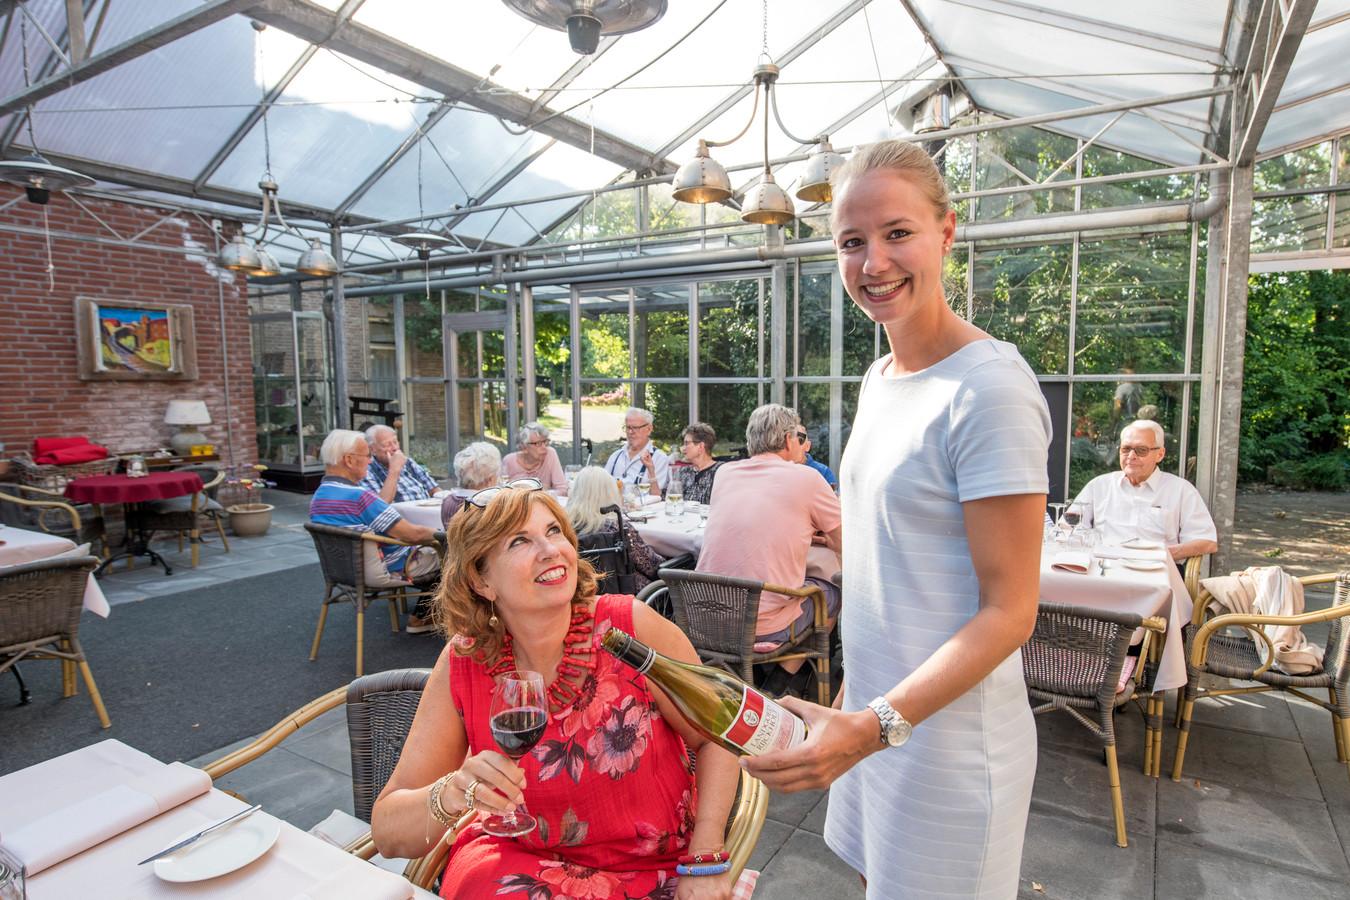 Gastvrouw Anniek Bakker serveert wijnen.